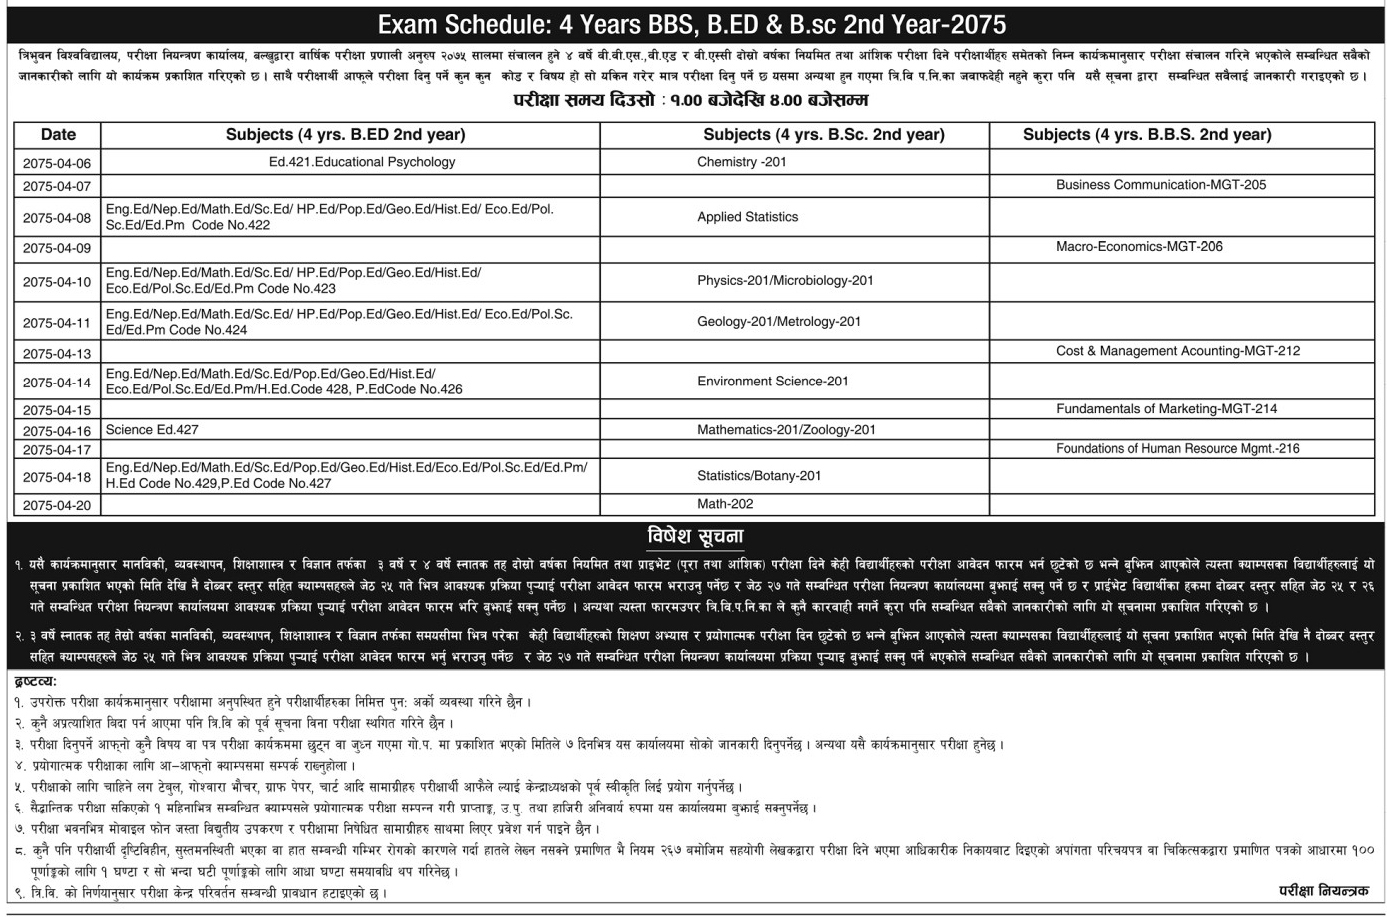 TU Bachelor 4 Years 2nd Year Exam Routine 2075 (2018) | Tribhuvan University